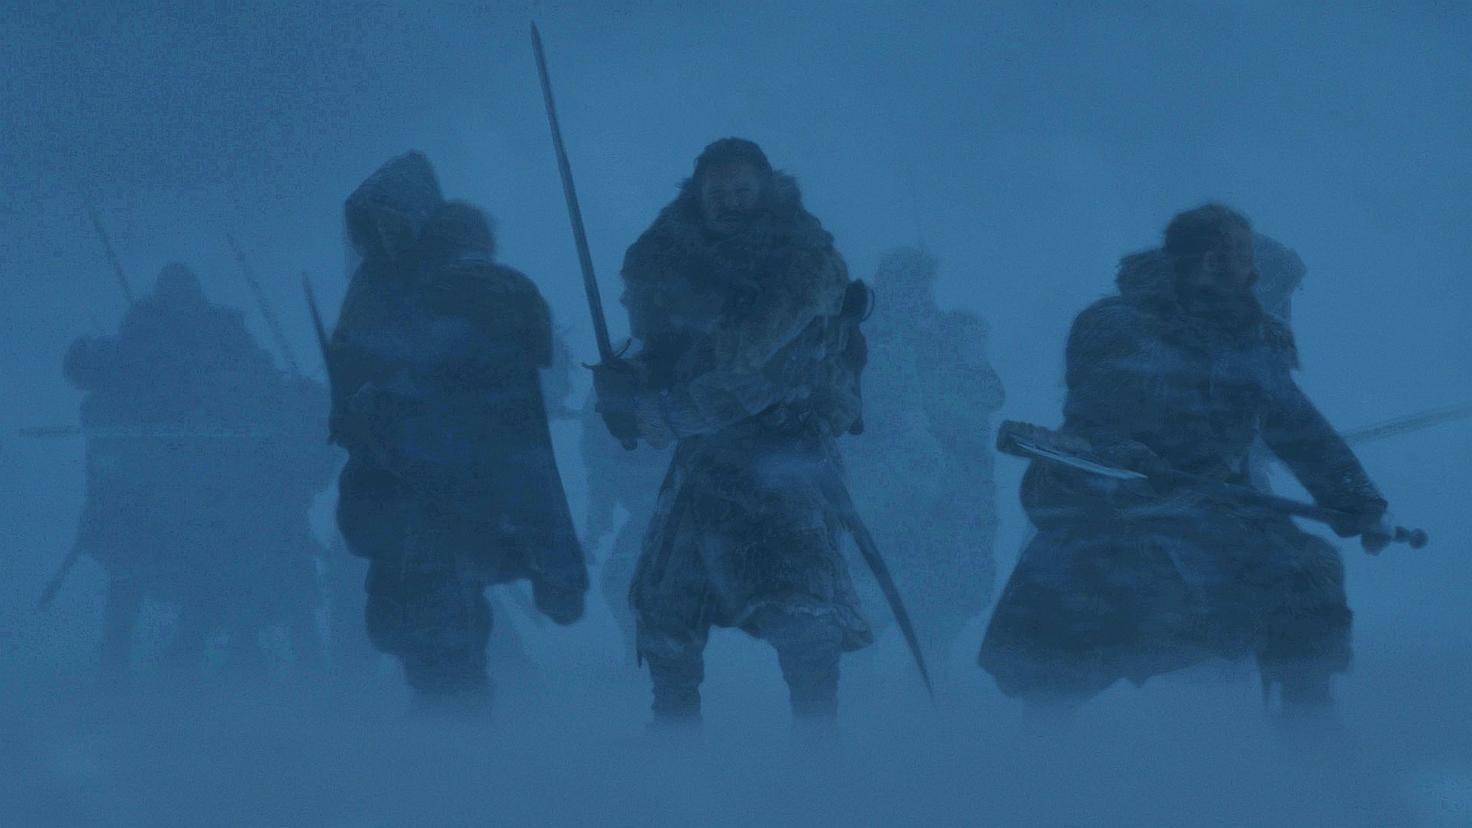 game-of-thrones-staffel-7-episode-6-jon-snow-im-schnee